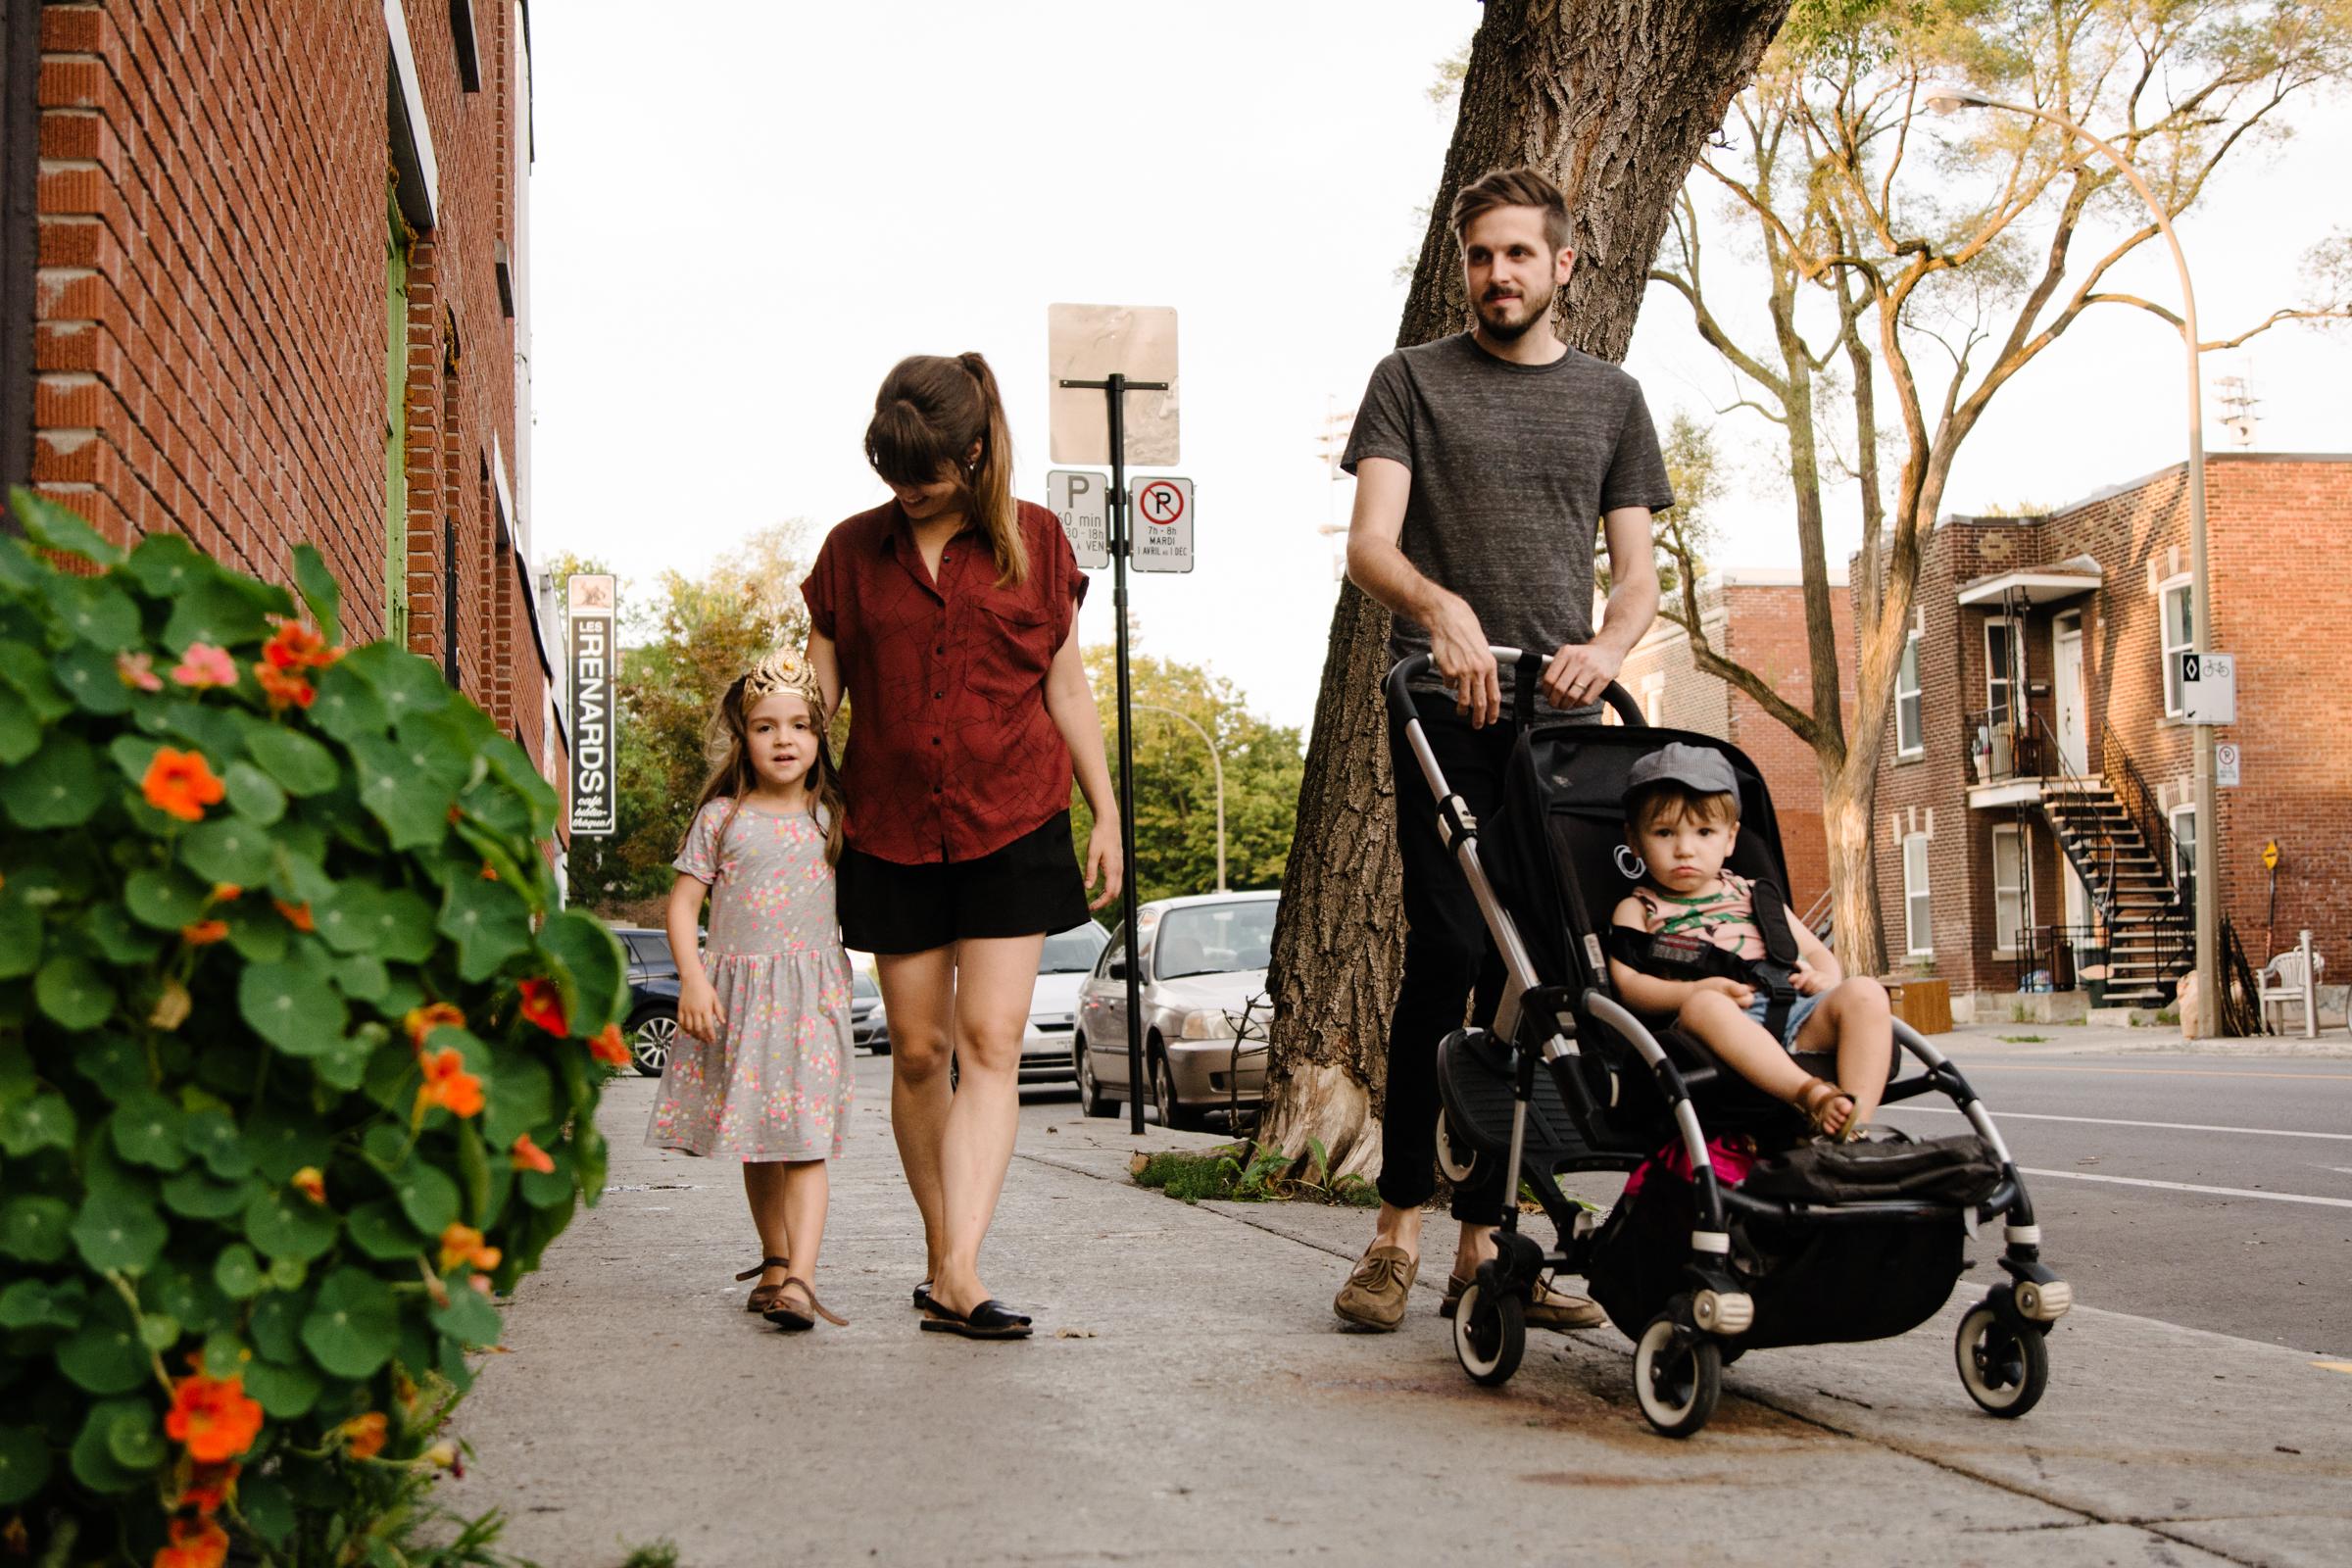 photo-d-une-petite-famille-montrealaise-qui-deambule-dans-les-rues-de-rosemont-en-ete-photographe-lifestyle-de-famille-a-montreal-marianne-charland-043.jpg